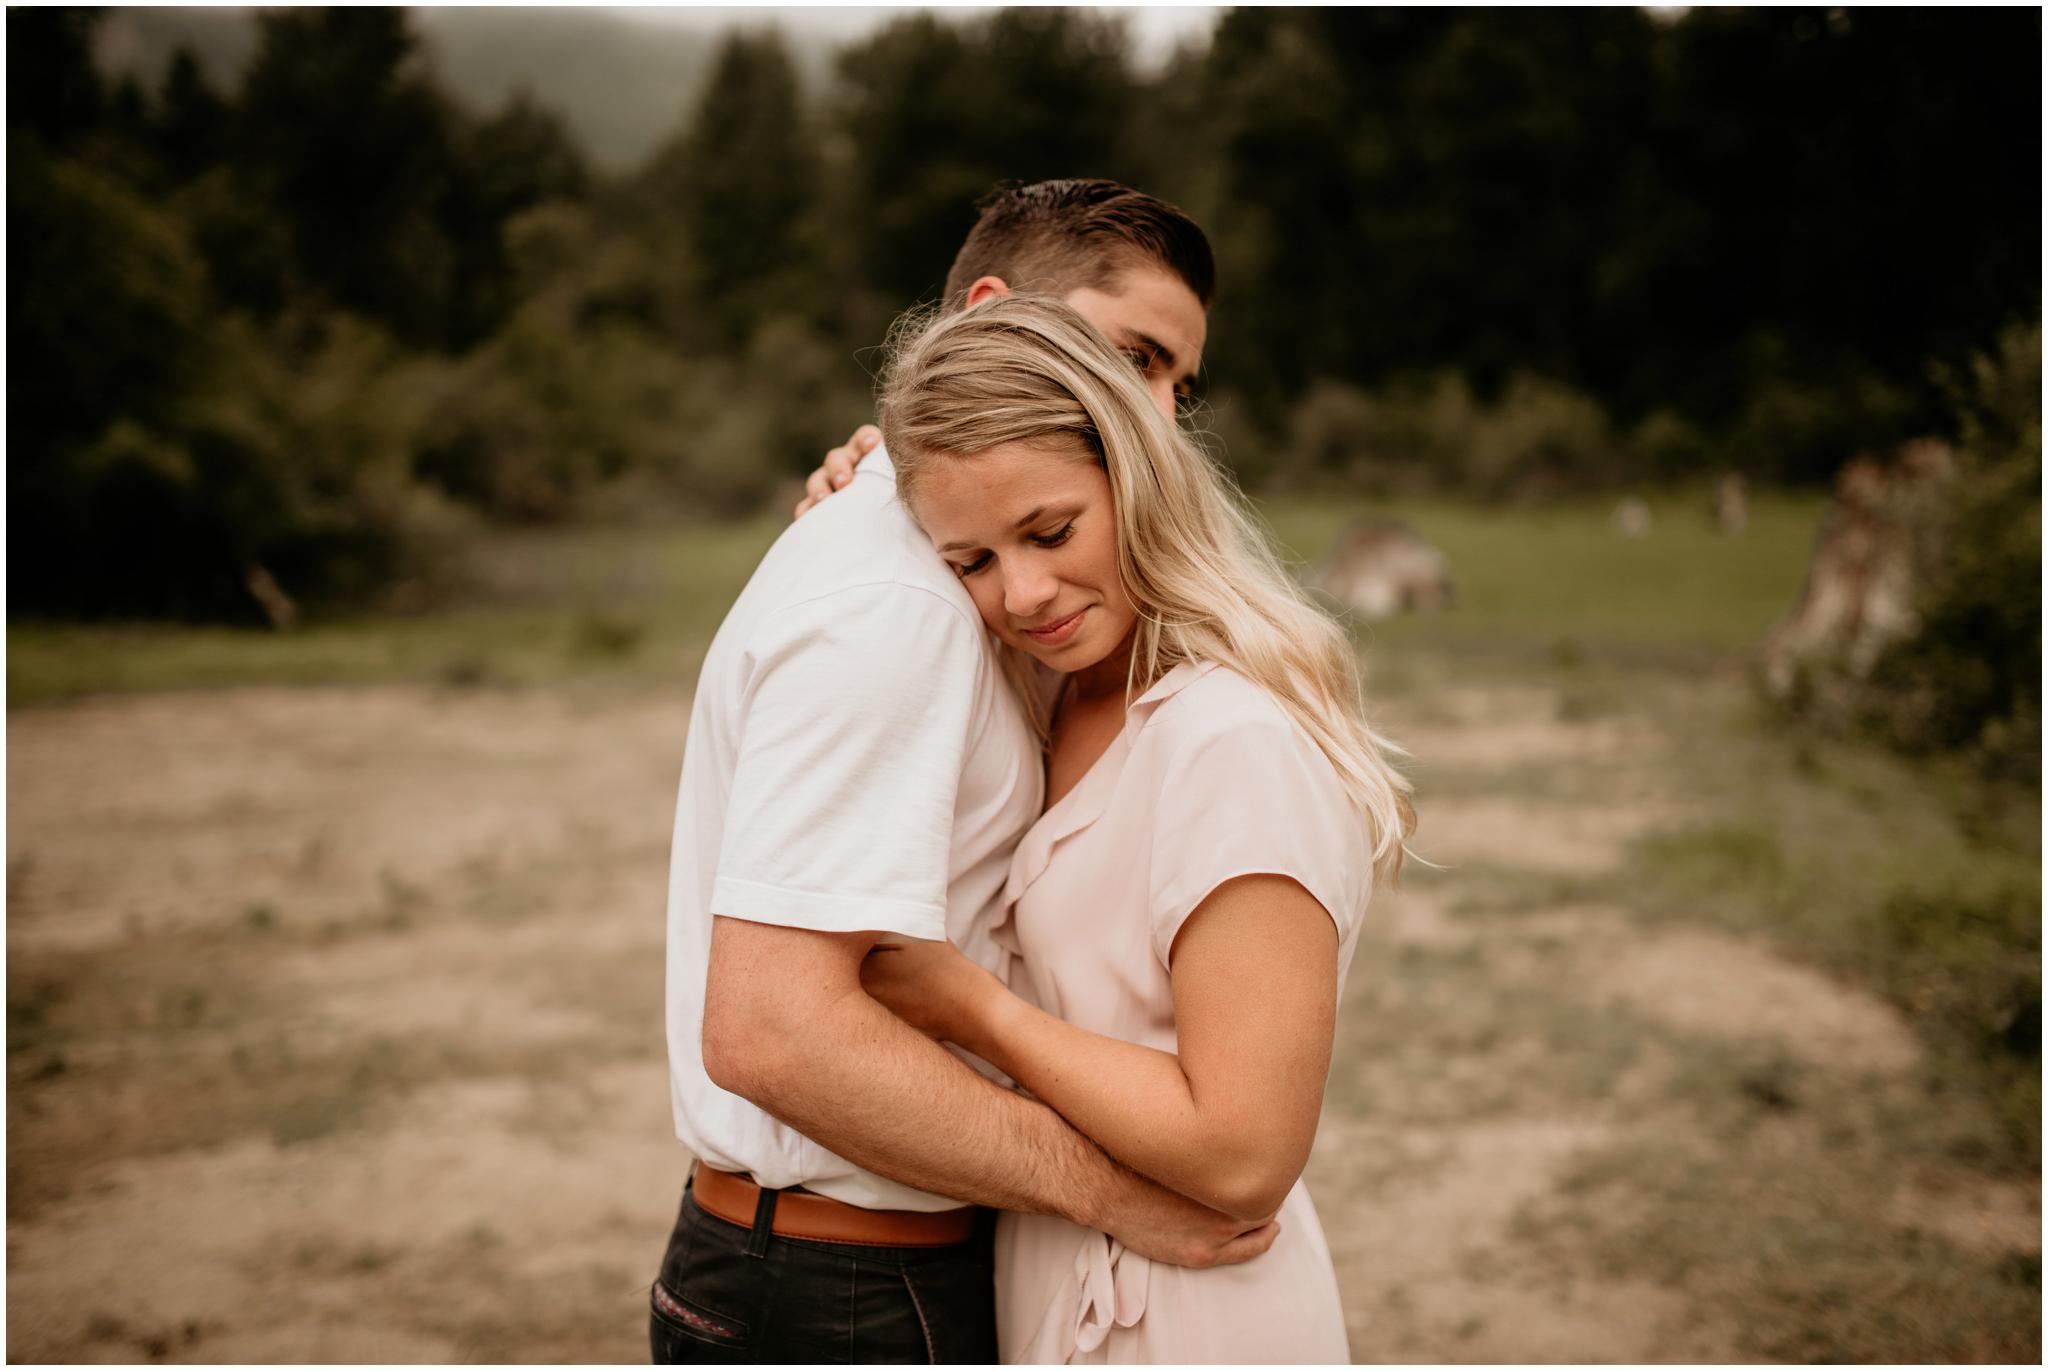 katie-nolan-rattlesnake-lake-engagement-session-seattle-wedding-photographer-002.jpg